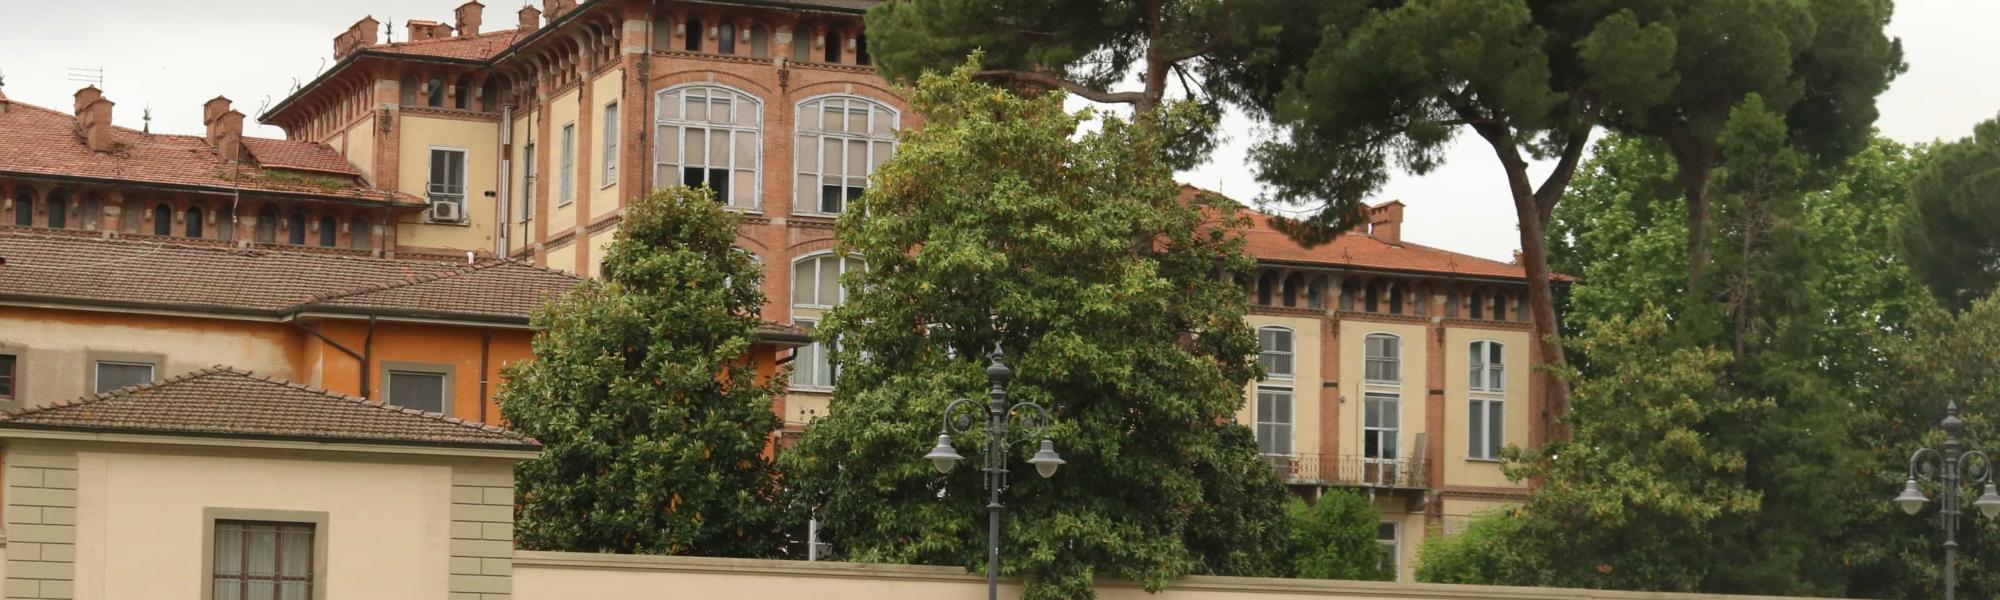 Ospedale di Santa Chiara dalla piazza del Duomo (A. Matteucci)